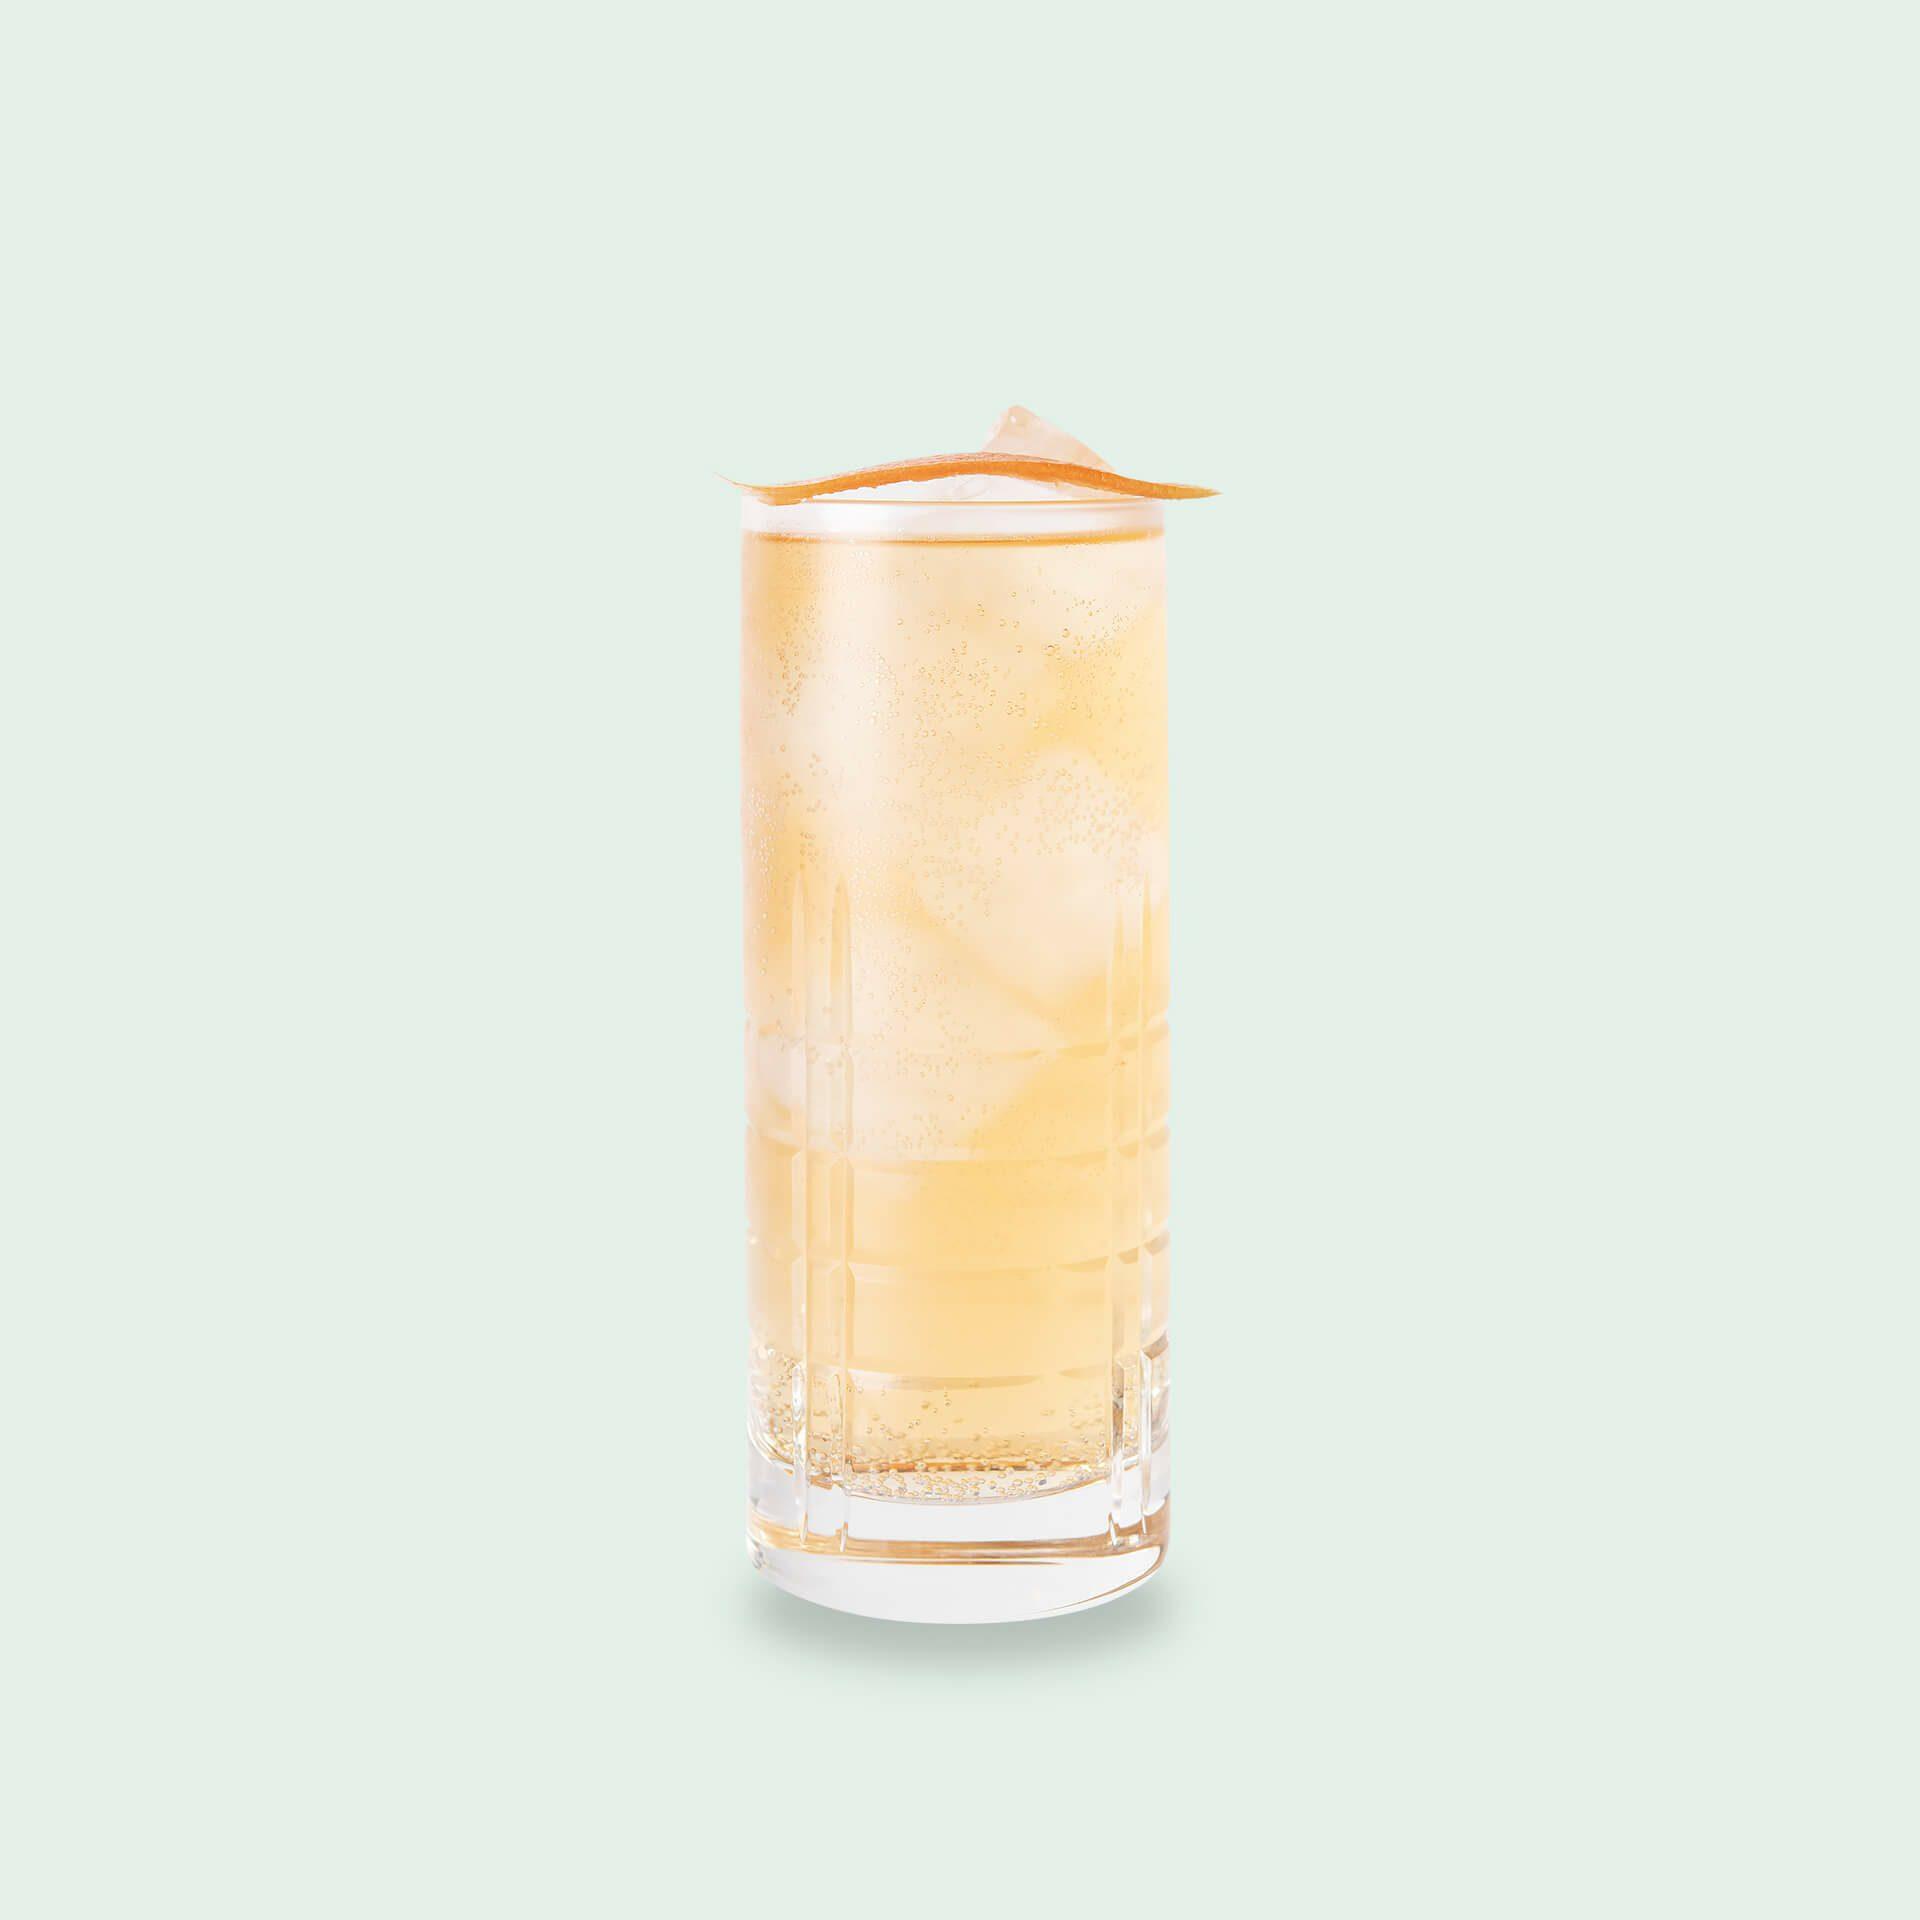 Gin Tonic alkoholfrei - Momotaro Gin, Dr Jaglas Herber Hibiskus, Aqua Monaco Herbal Tonic